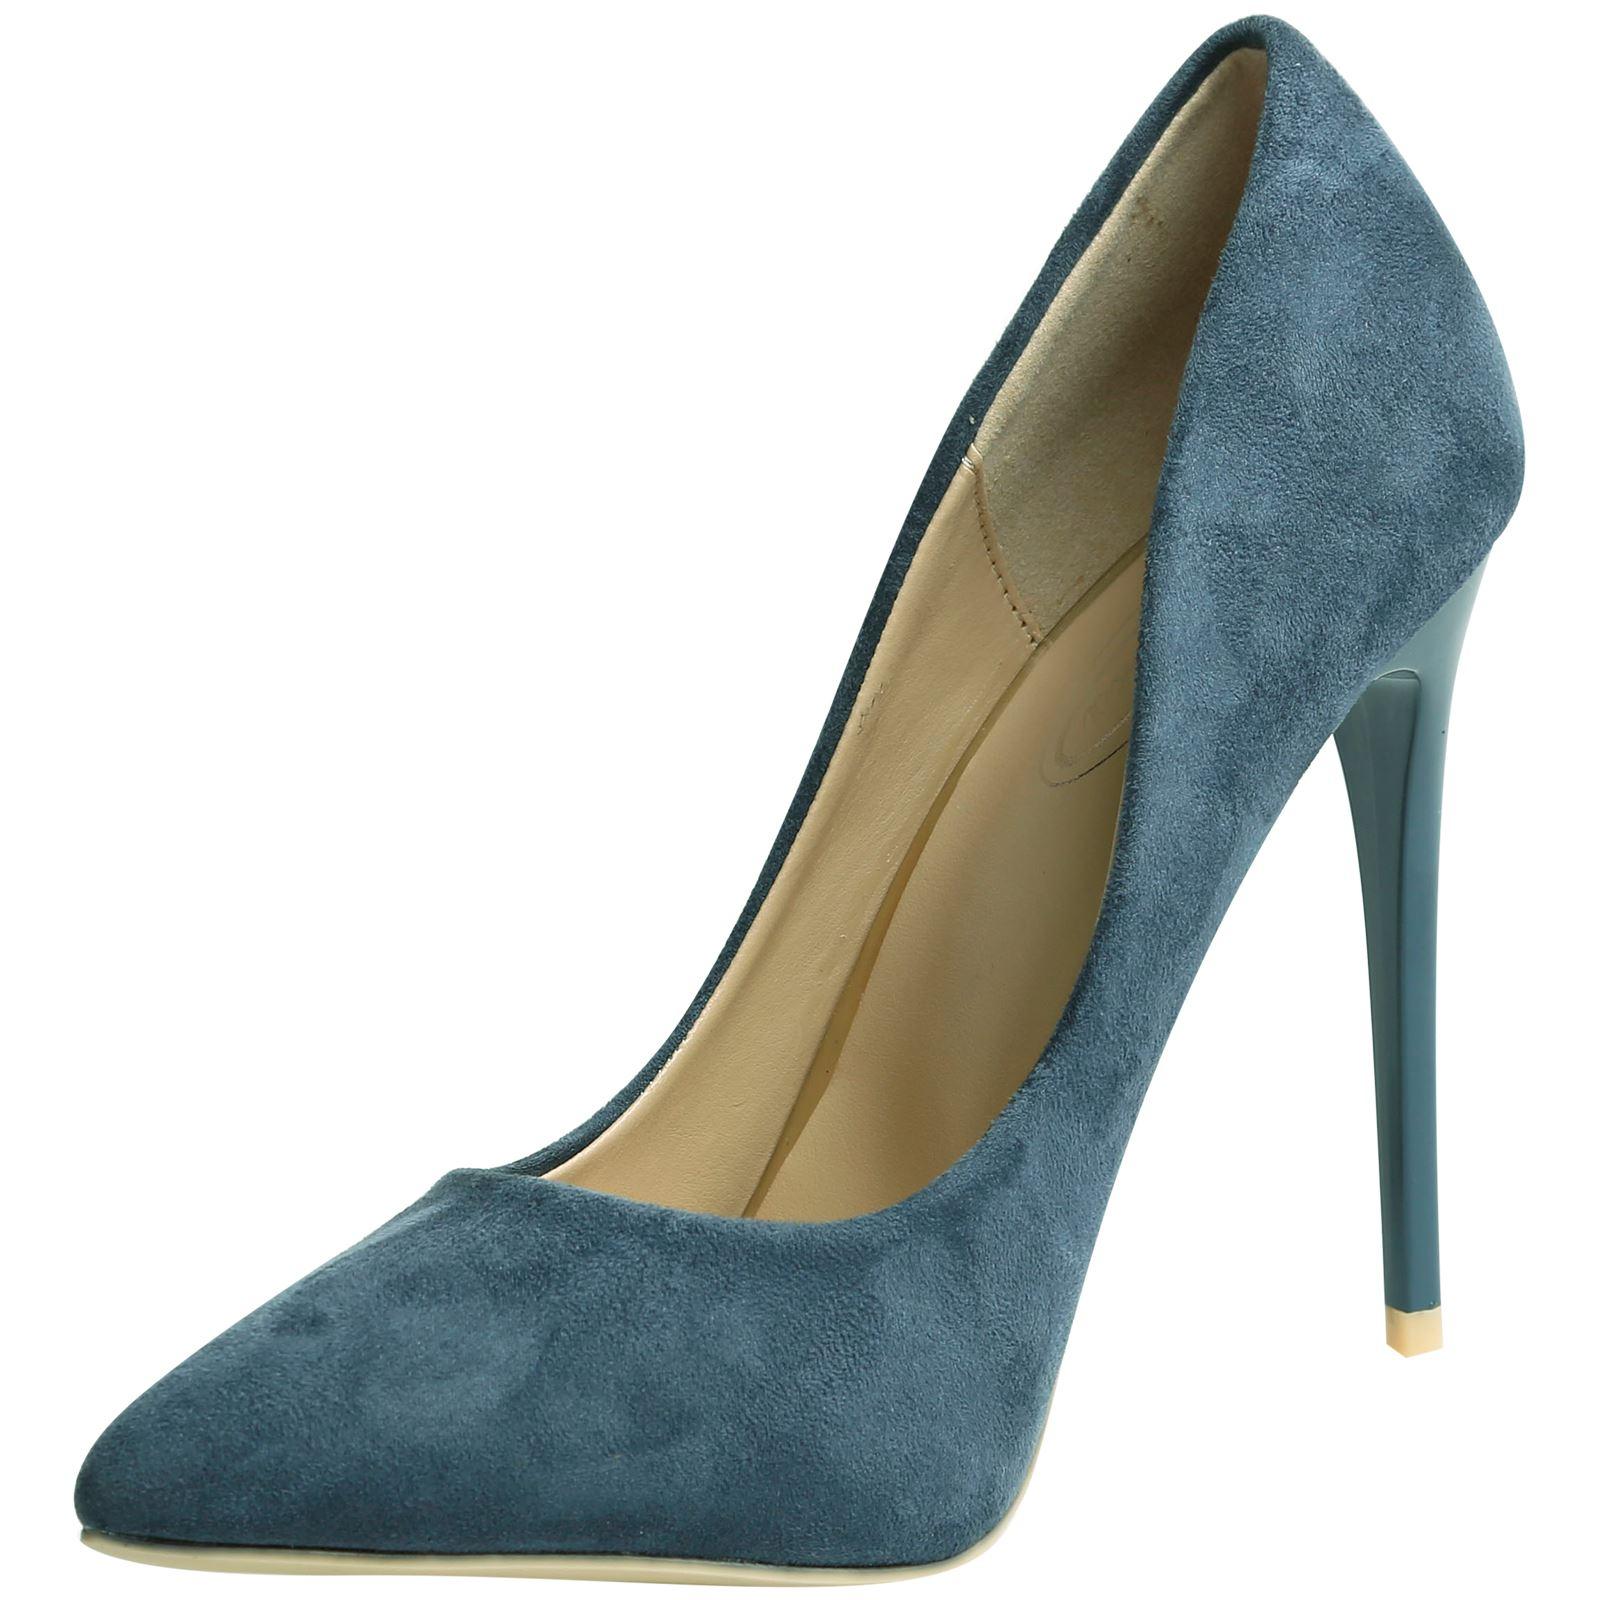 Danita Mujer Tacones De Aguja Tacones Altos En Punta Tribunal Zapatos Damas Bombas Tamaño Nuevo